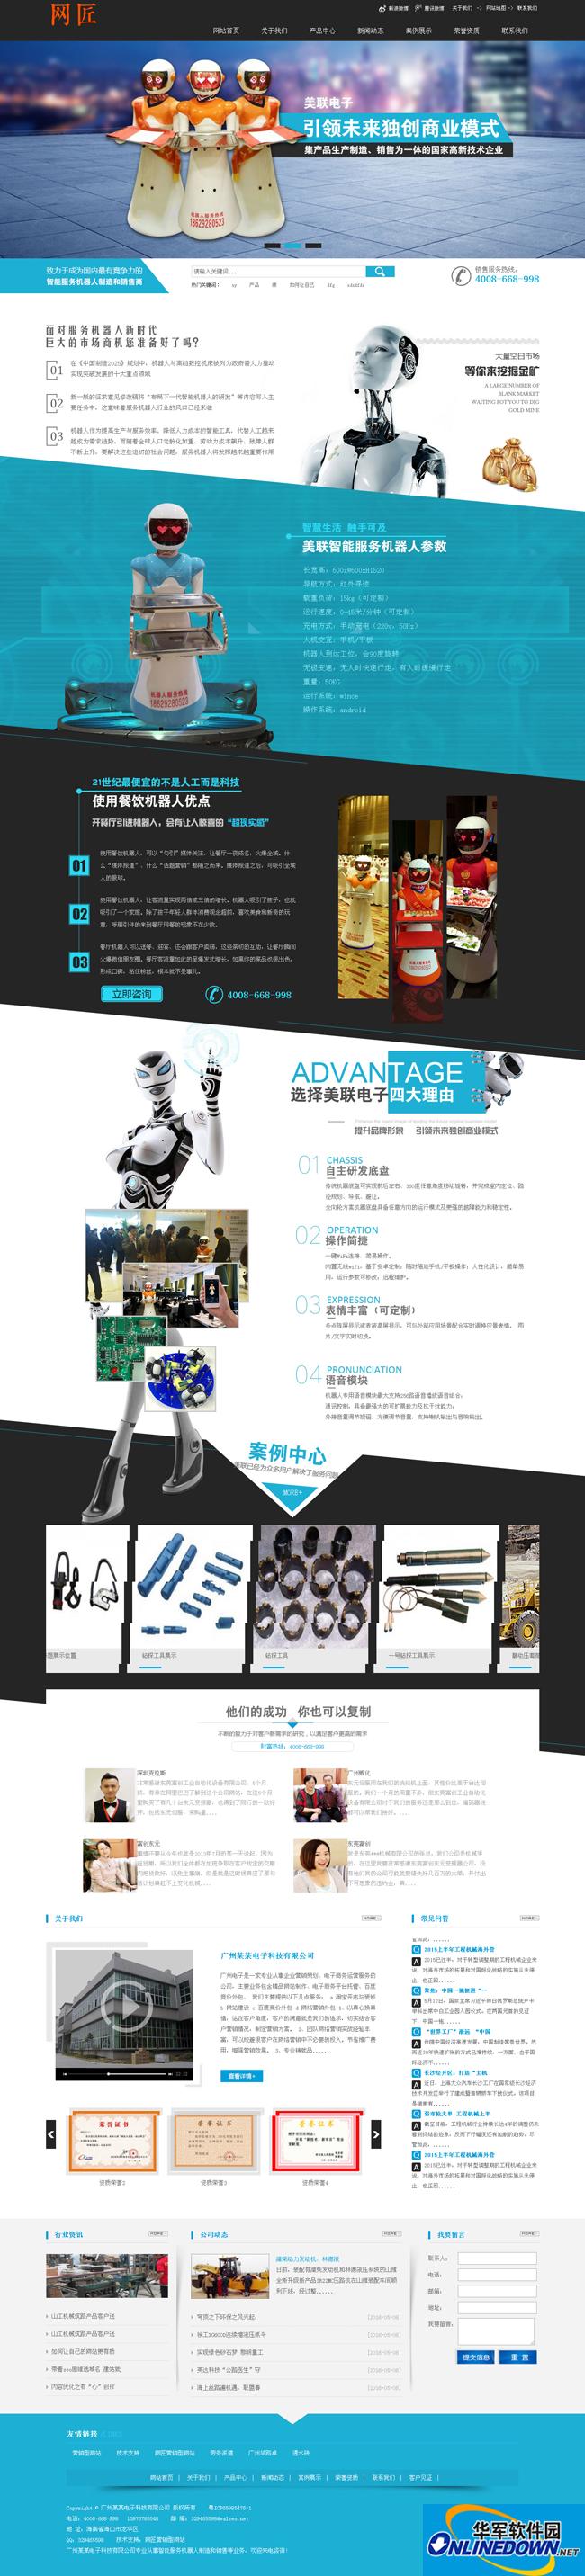 营销型电子科技设备行业网站织梦模板(带html5手机端) v1.0